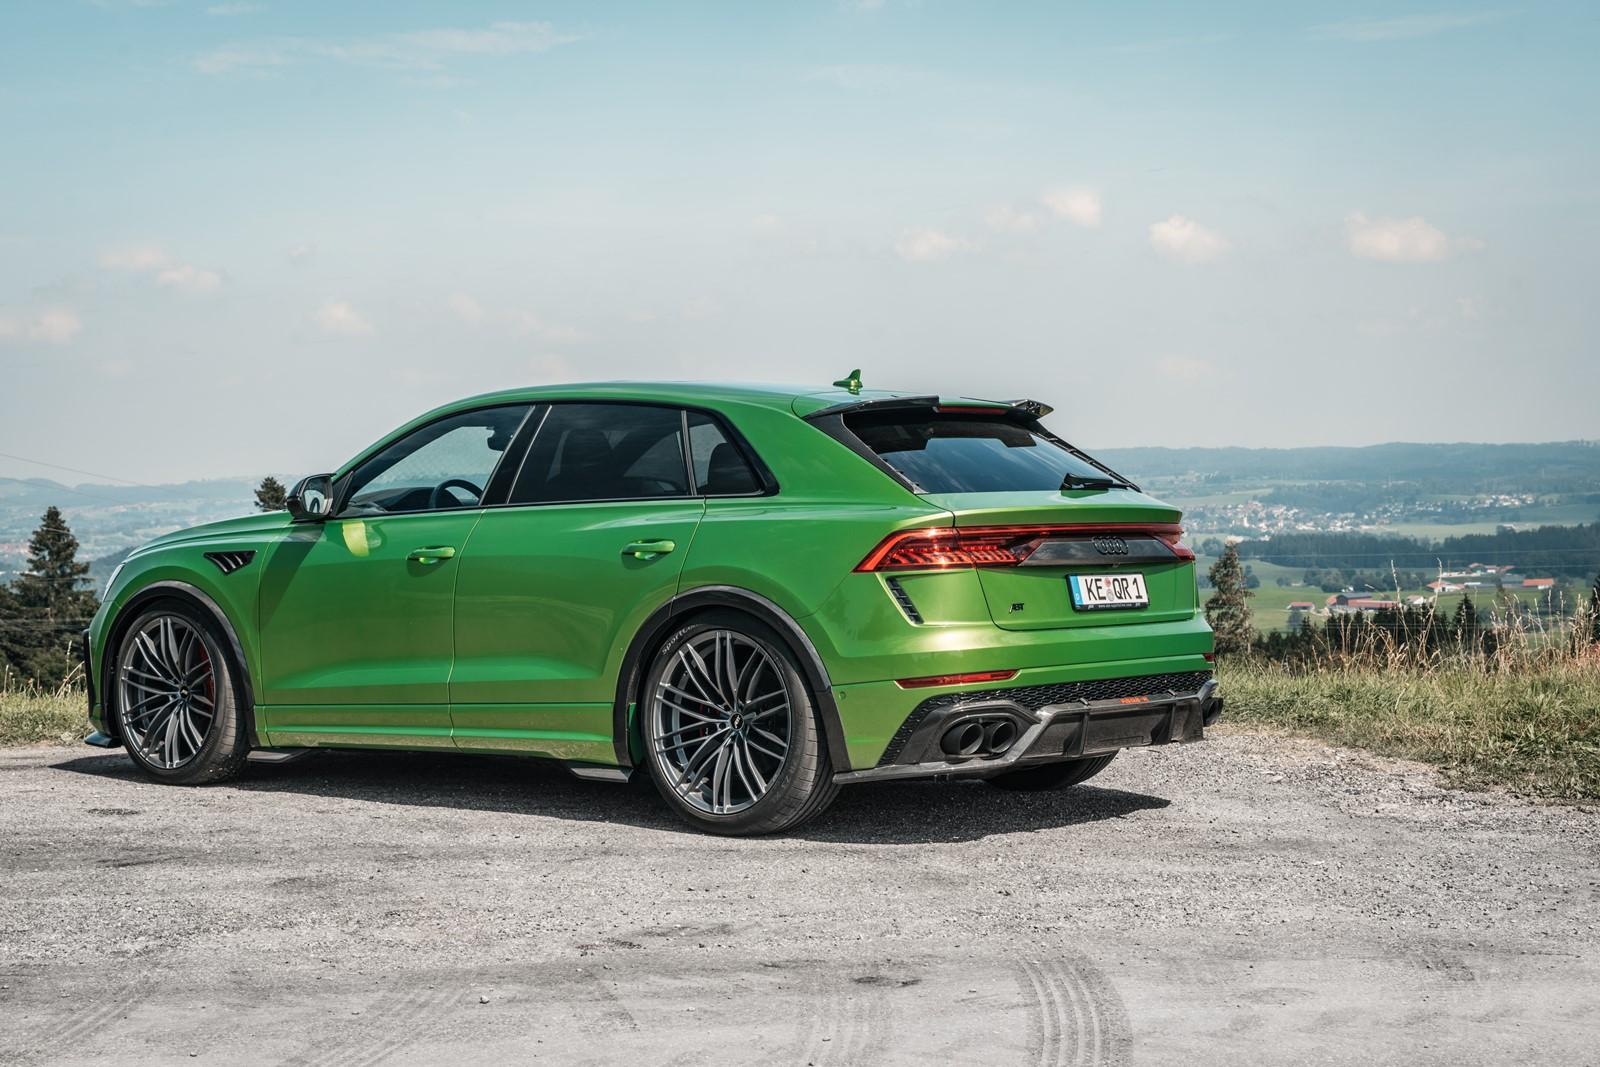 Abt Rsq8 R 740 Cv Para El Audi Rs Q8